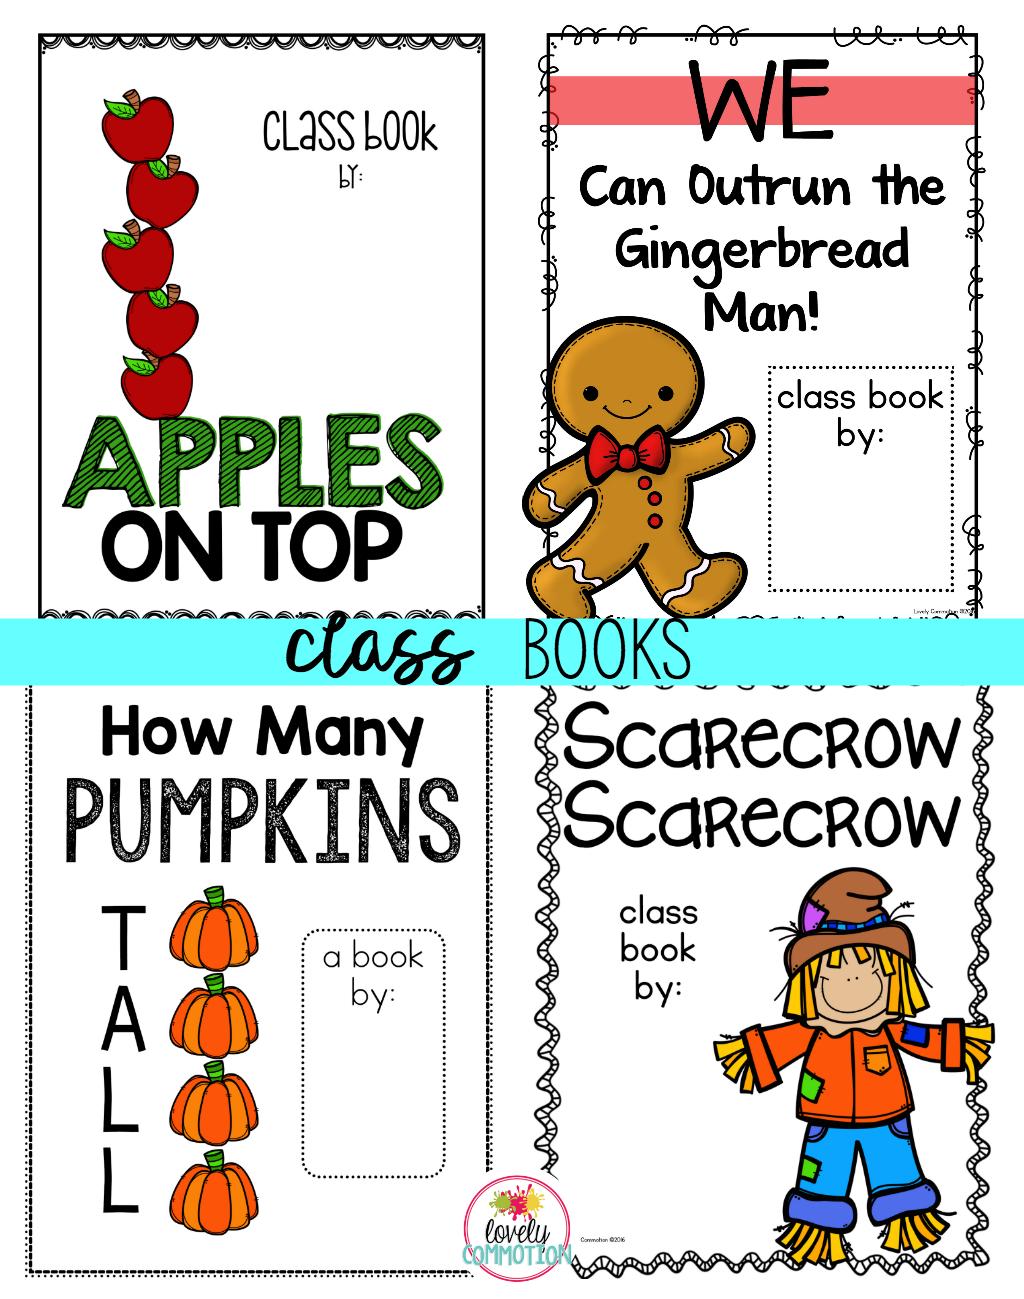 Class books for preschool classrooms.